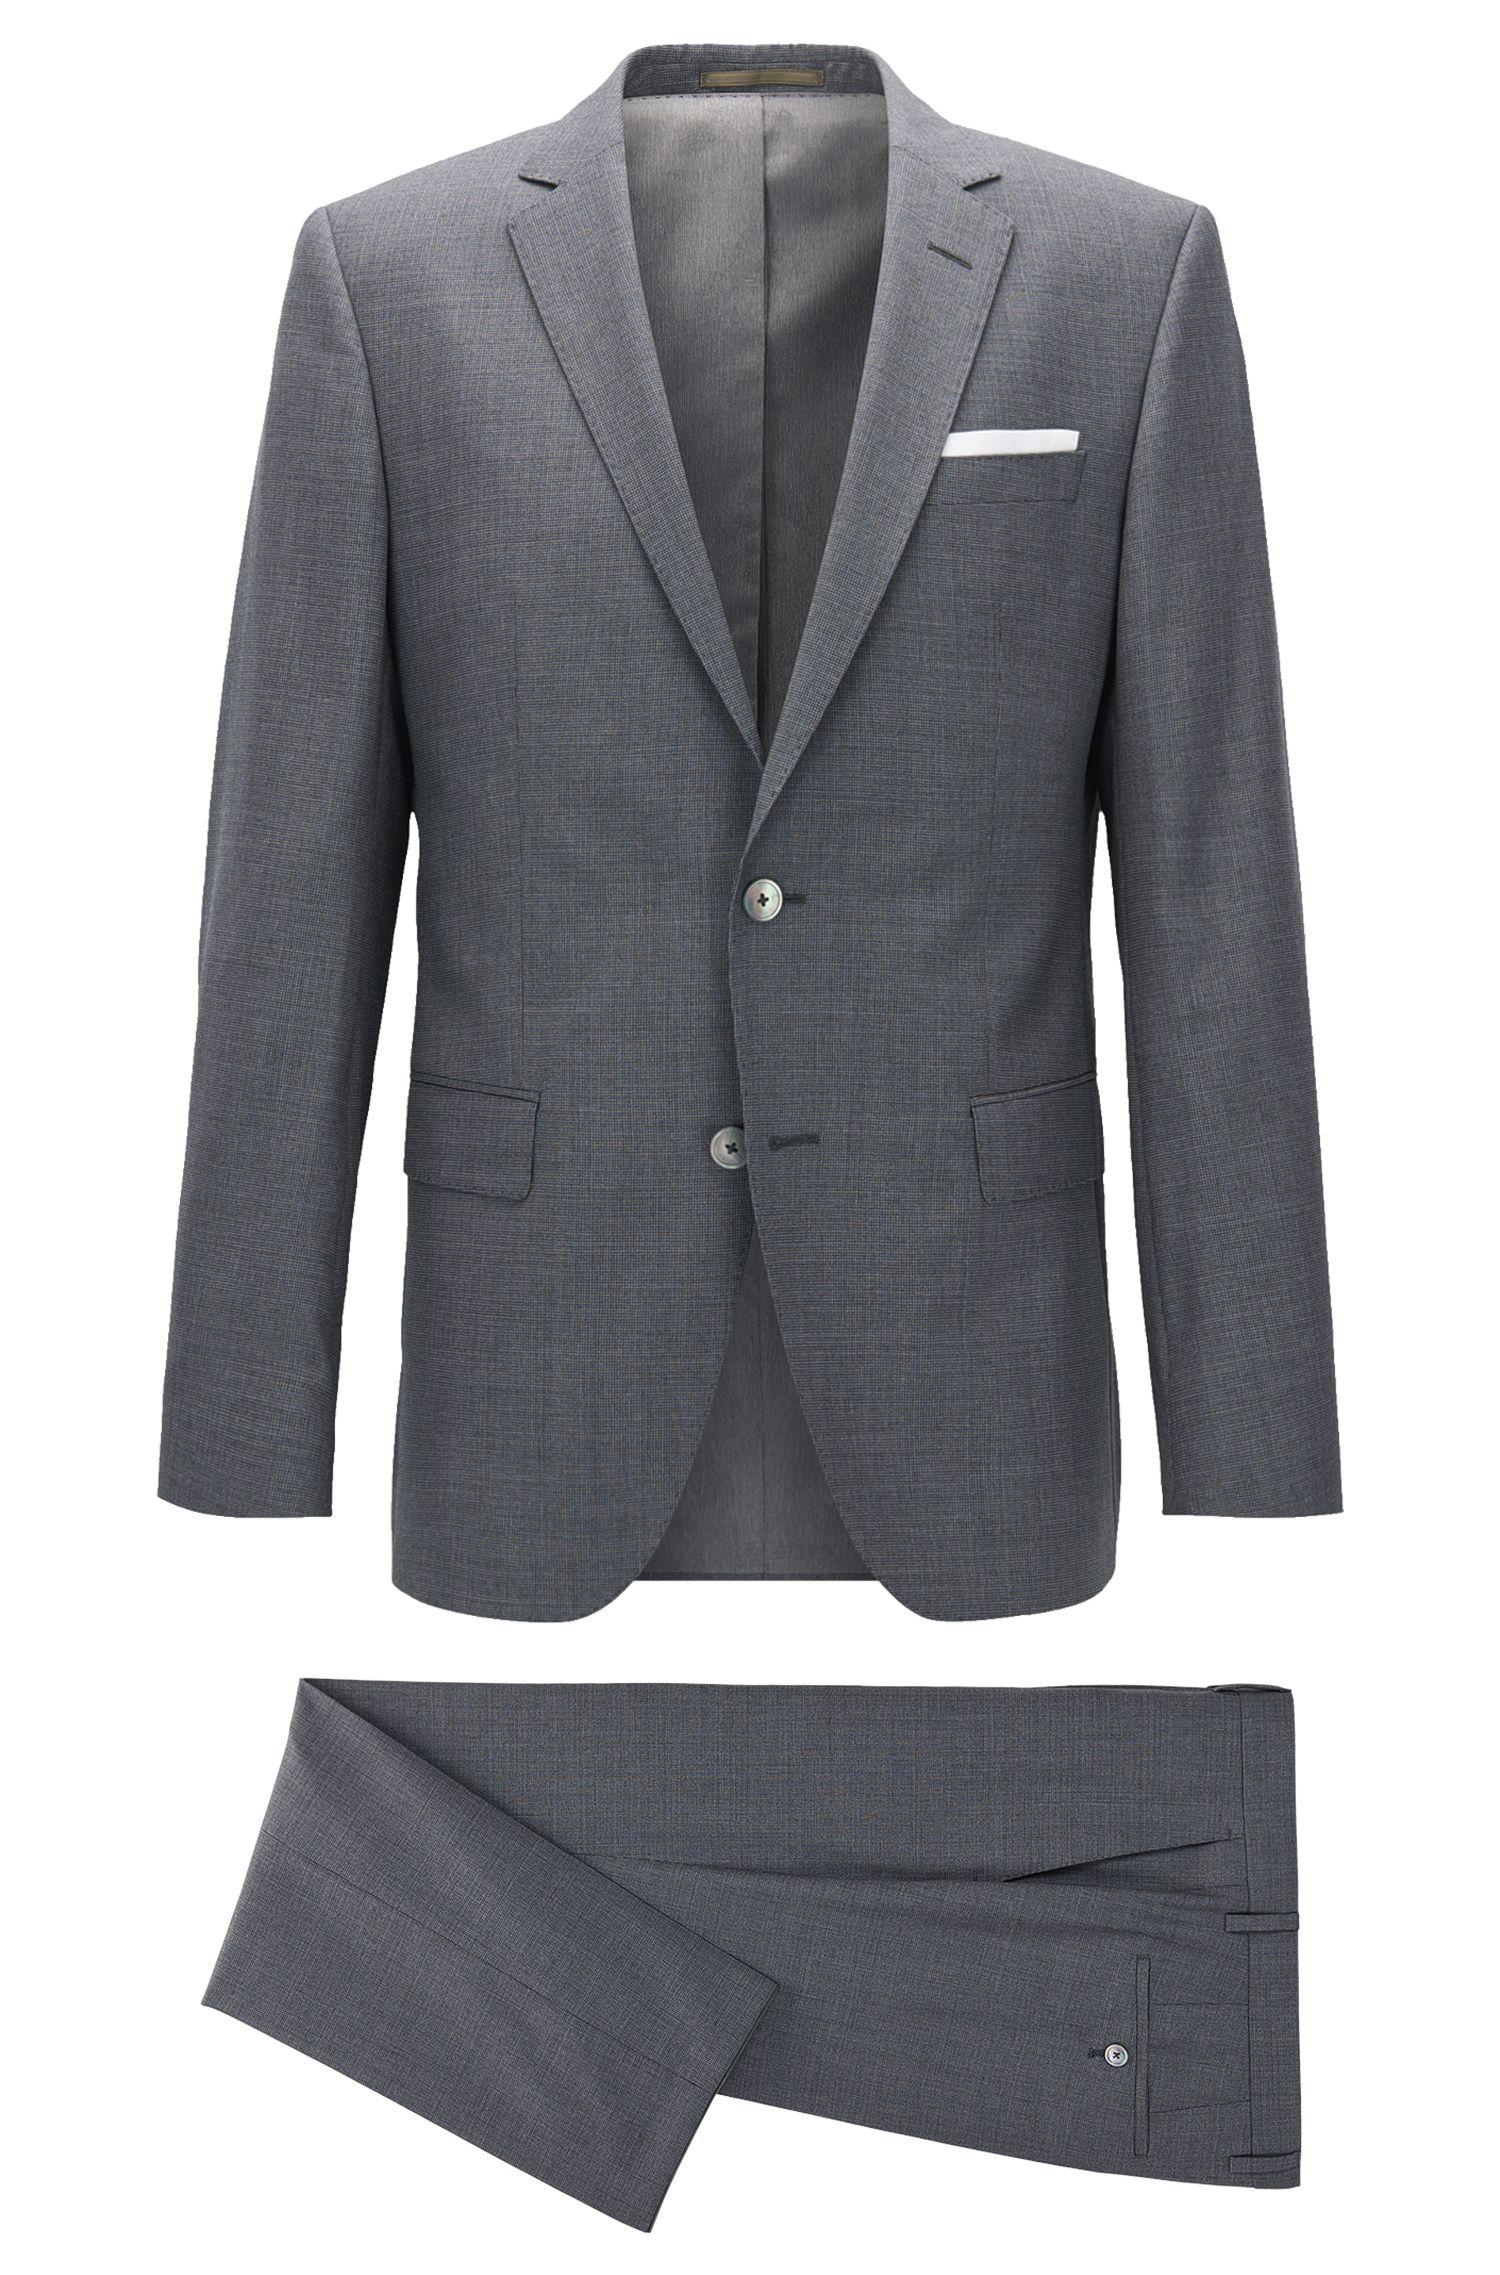 Heathered Virgin Wool Suit, Slim Fit | Hutson/Gander